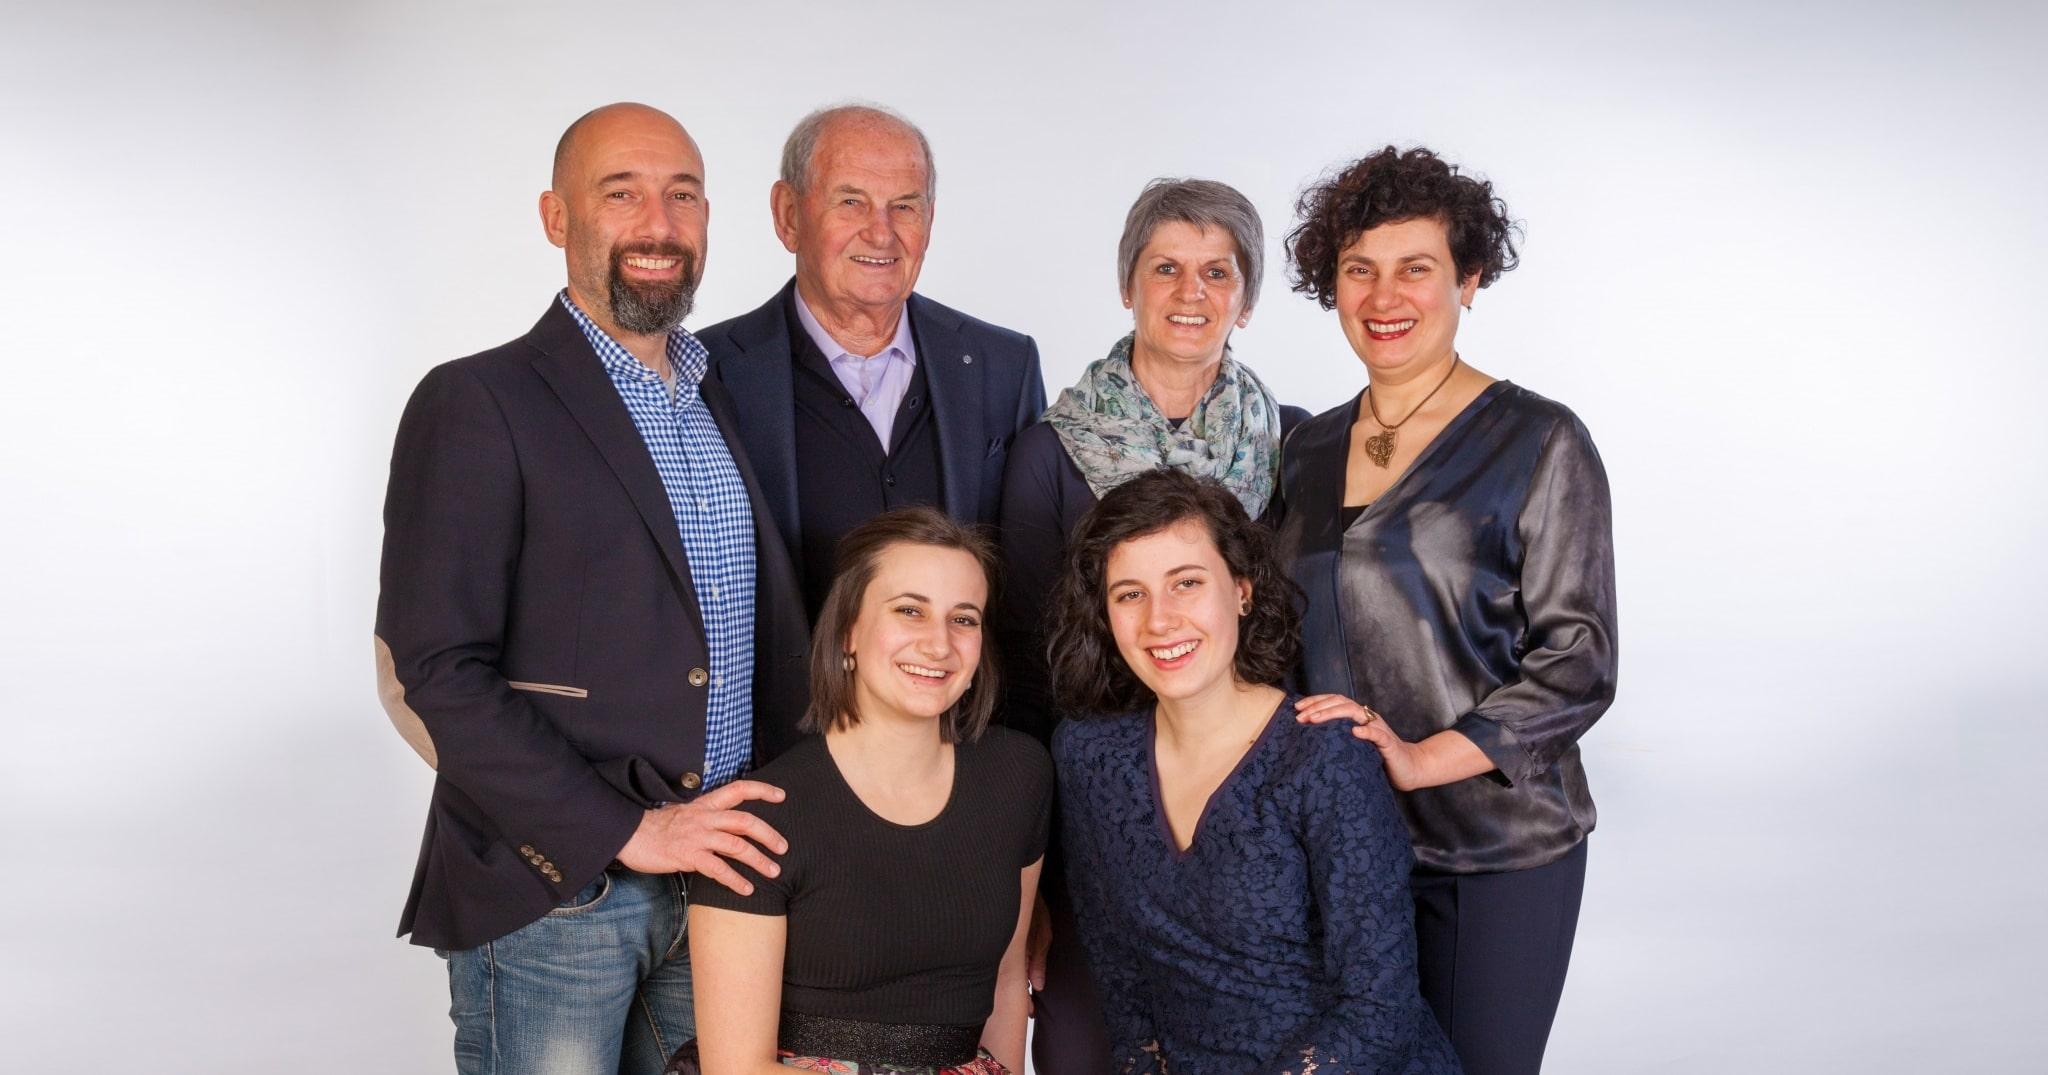 Familienfoto der Gastgeber im Lindenhof